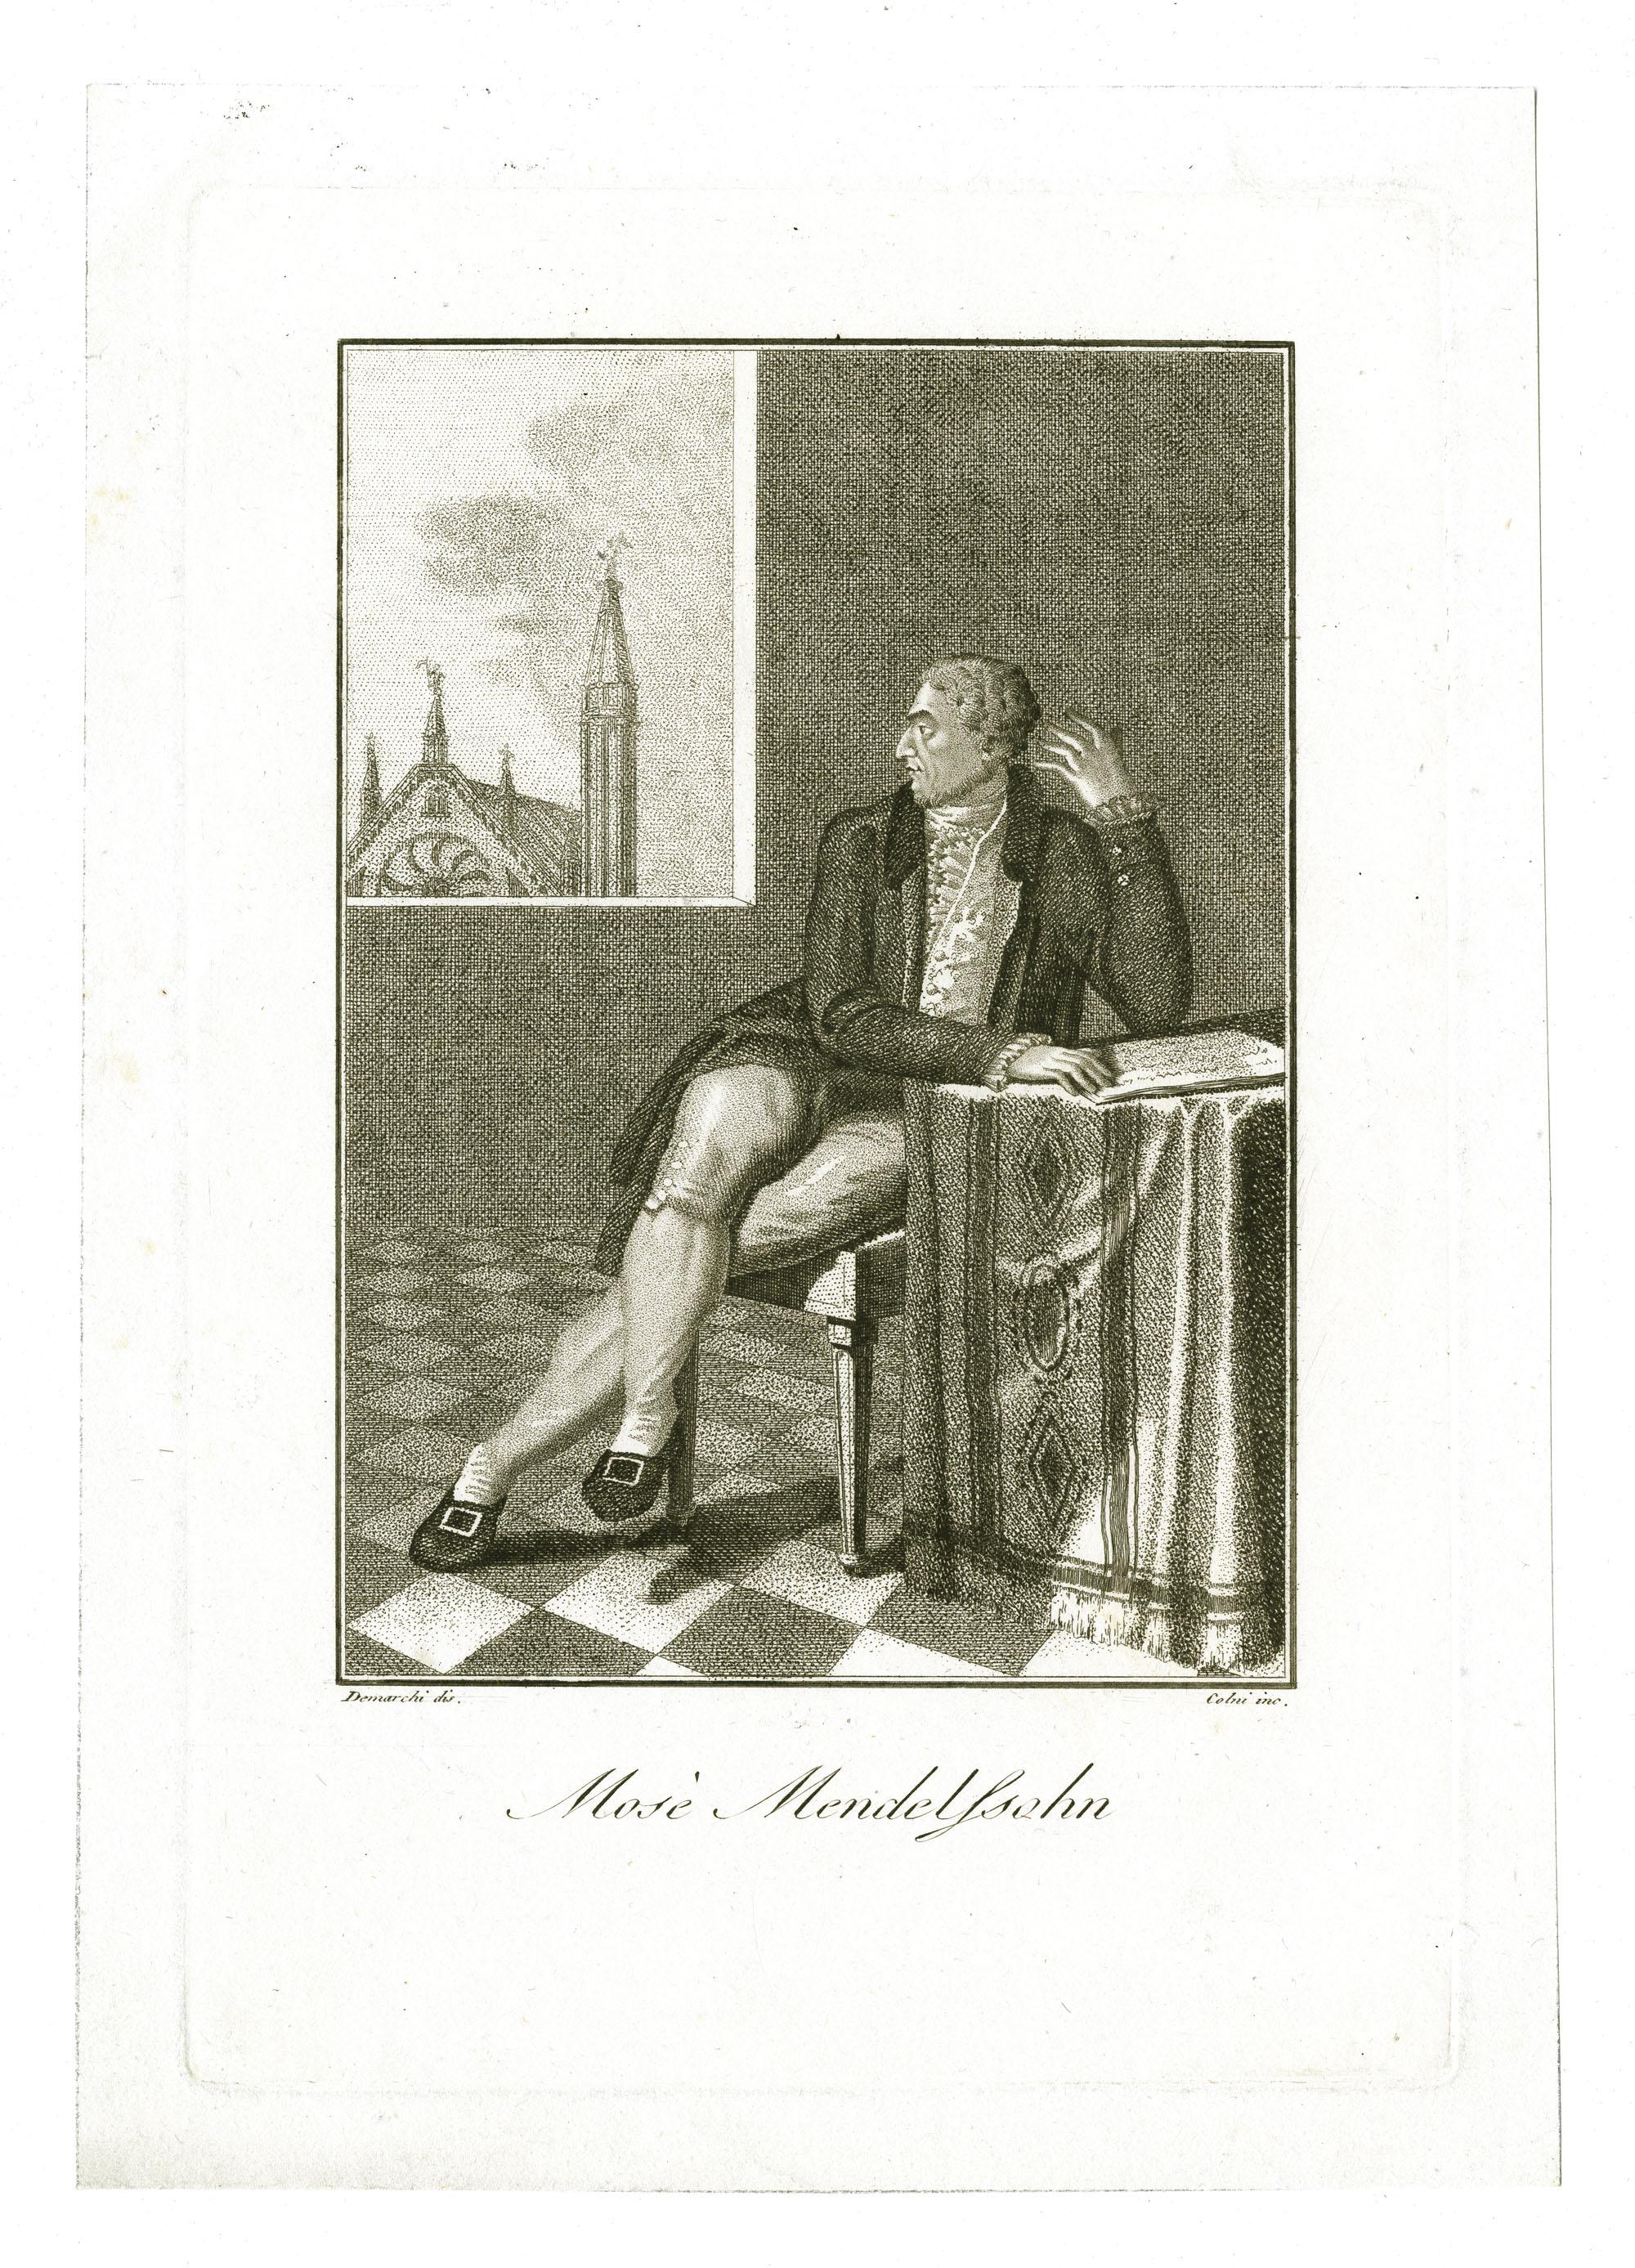 Mosé Mendelssohn